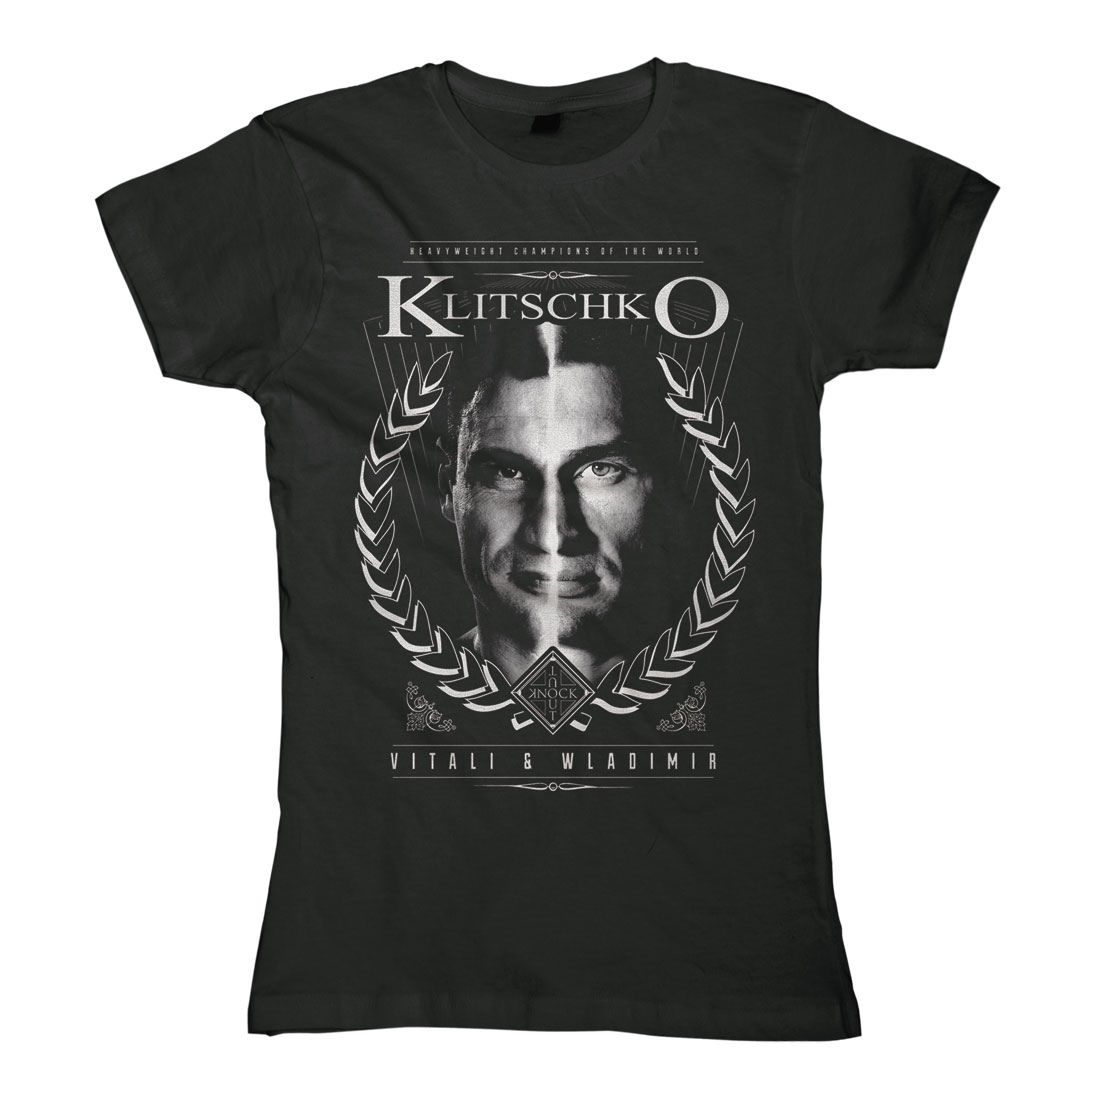 Two Face von Klitschko - Girlie Shirt jetzt im Klitschko Shop